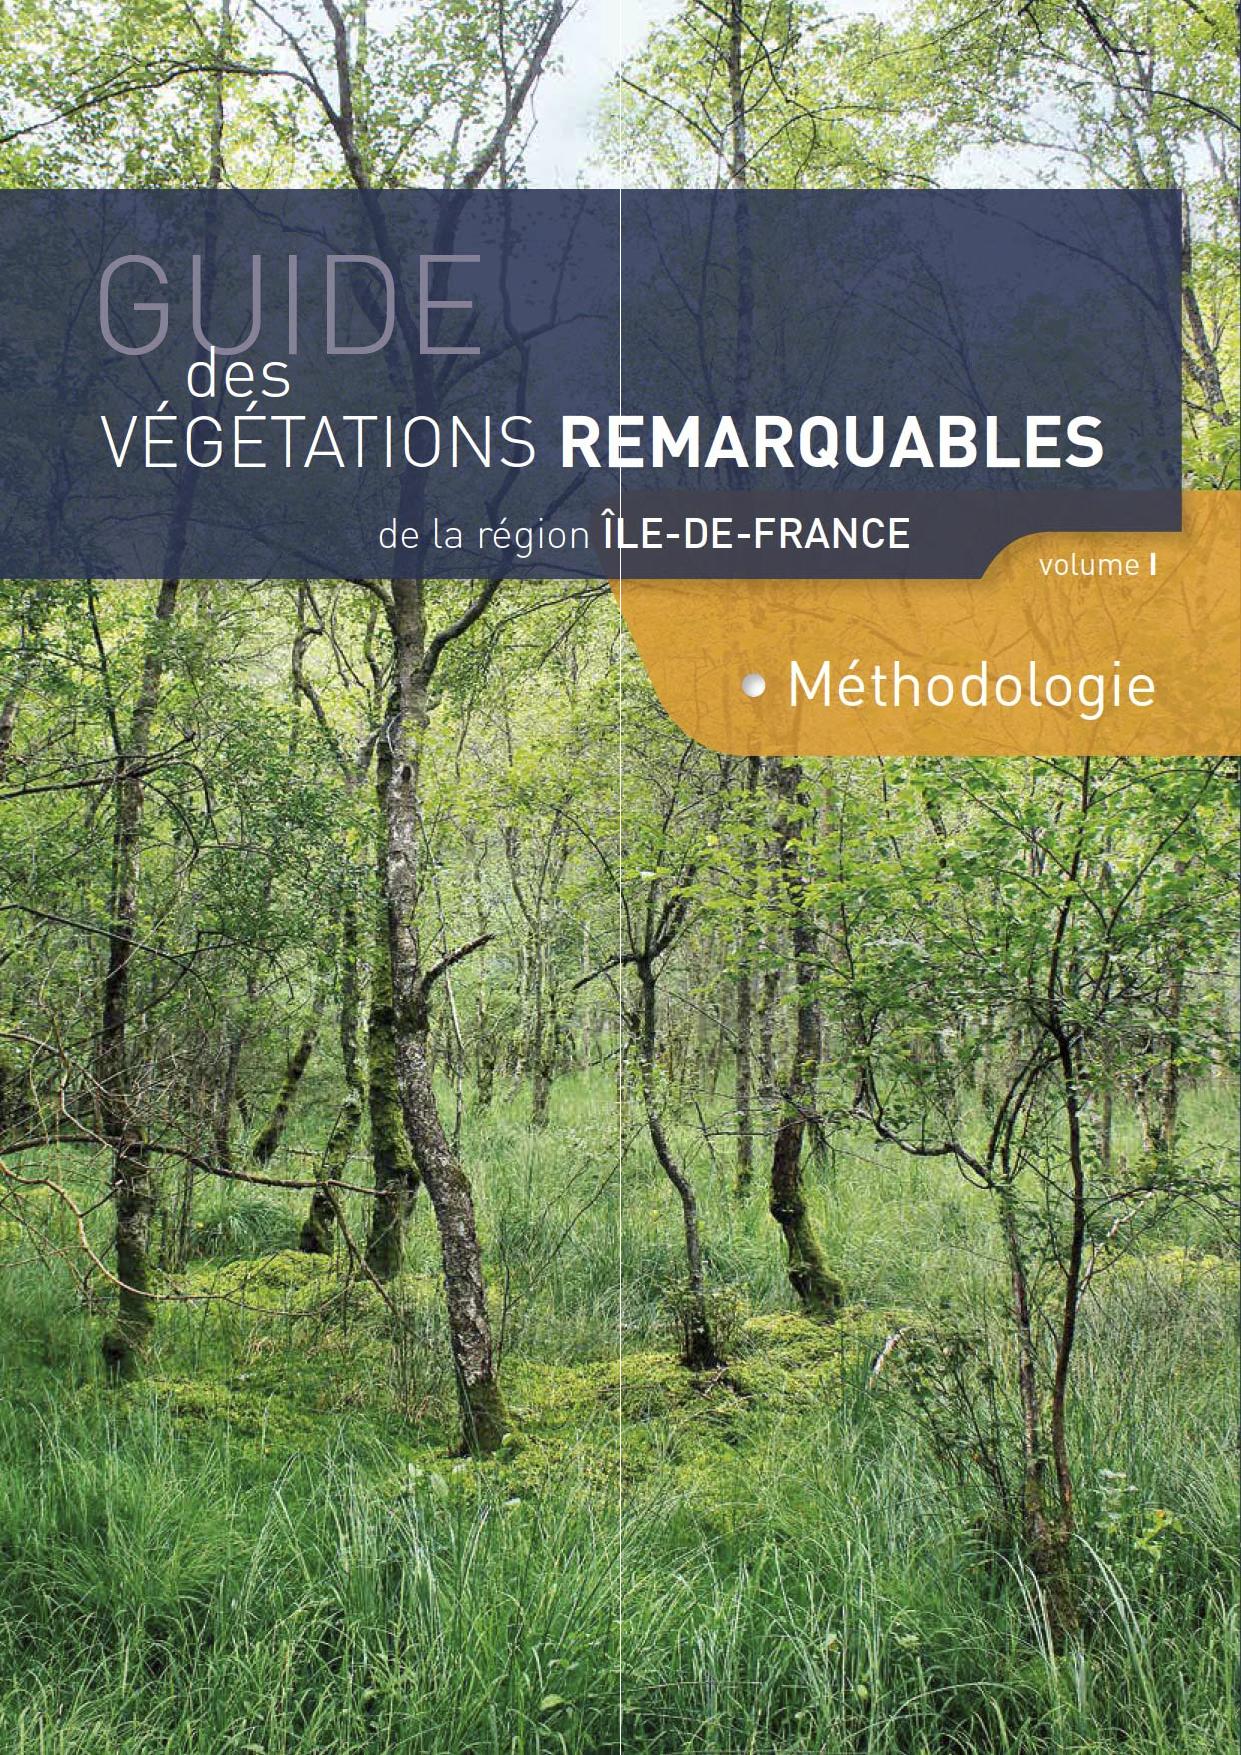 Guide des végétations remarquables de la région Ile-deFrance